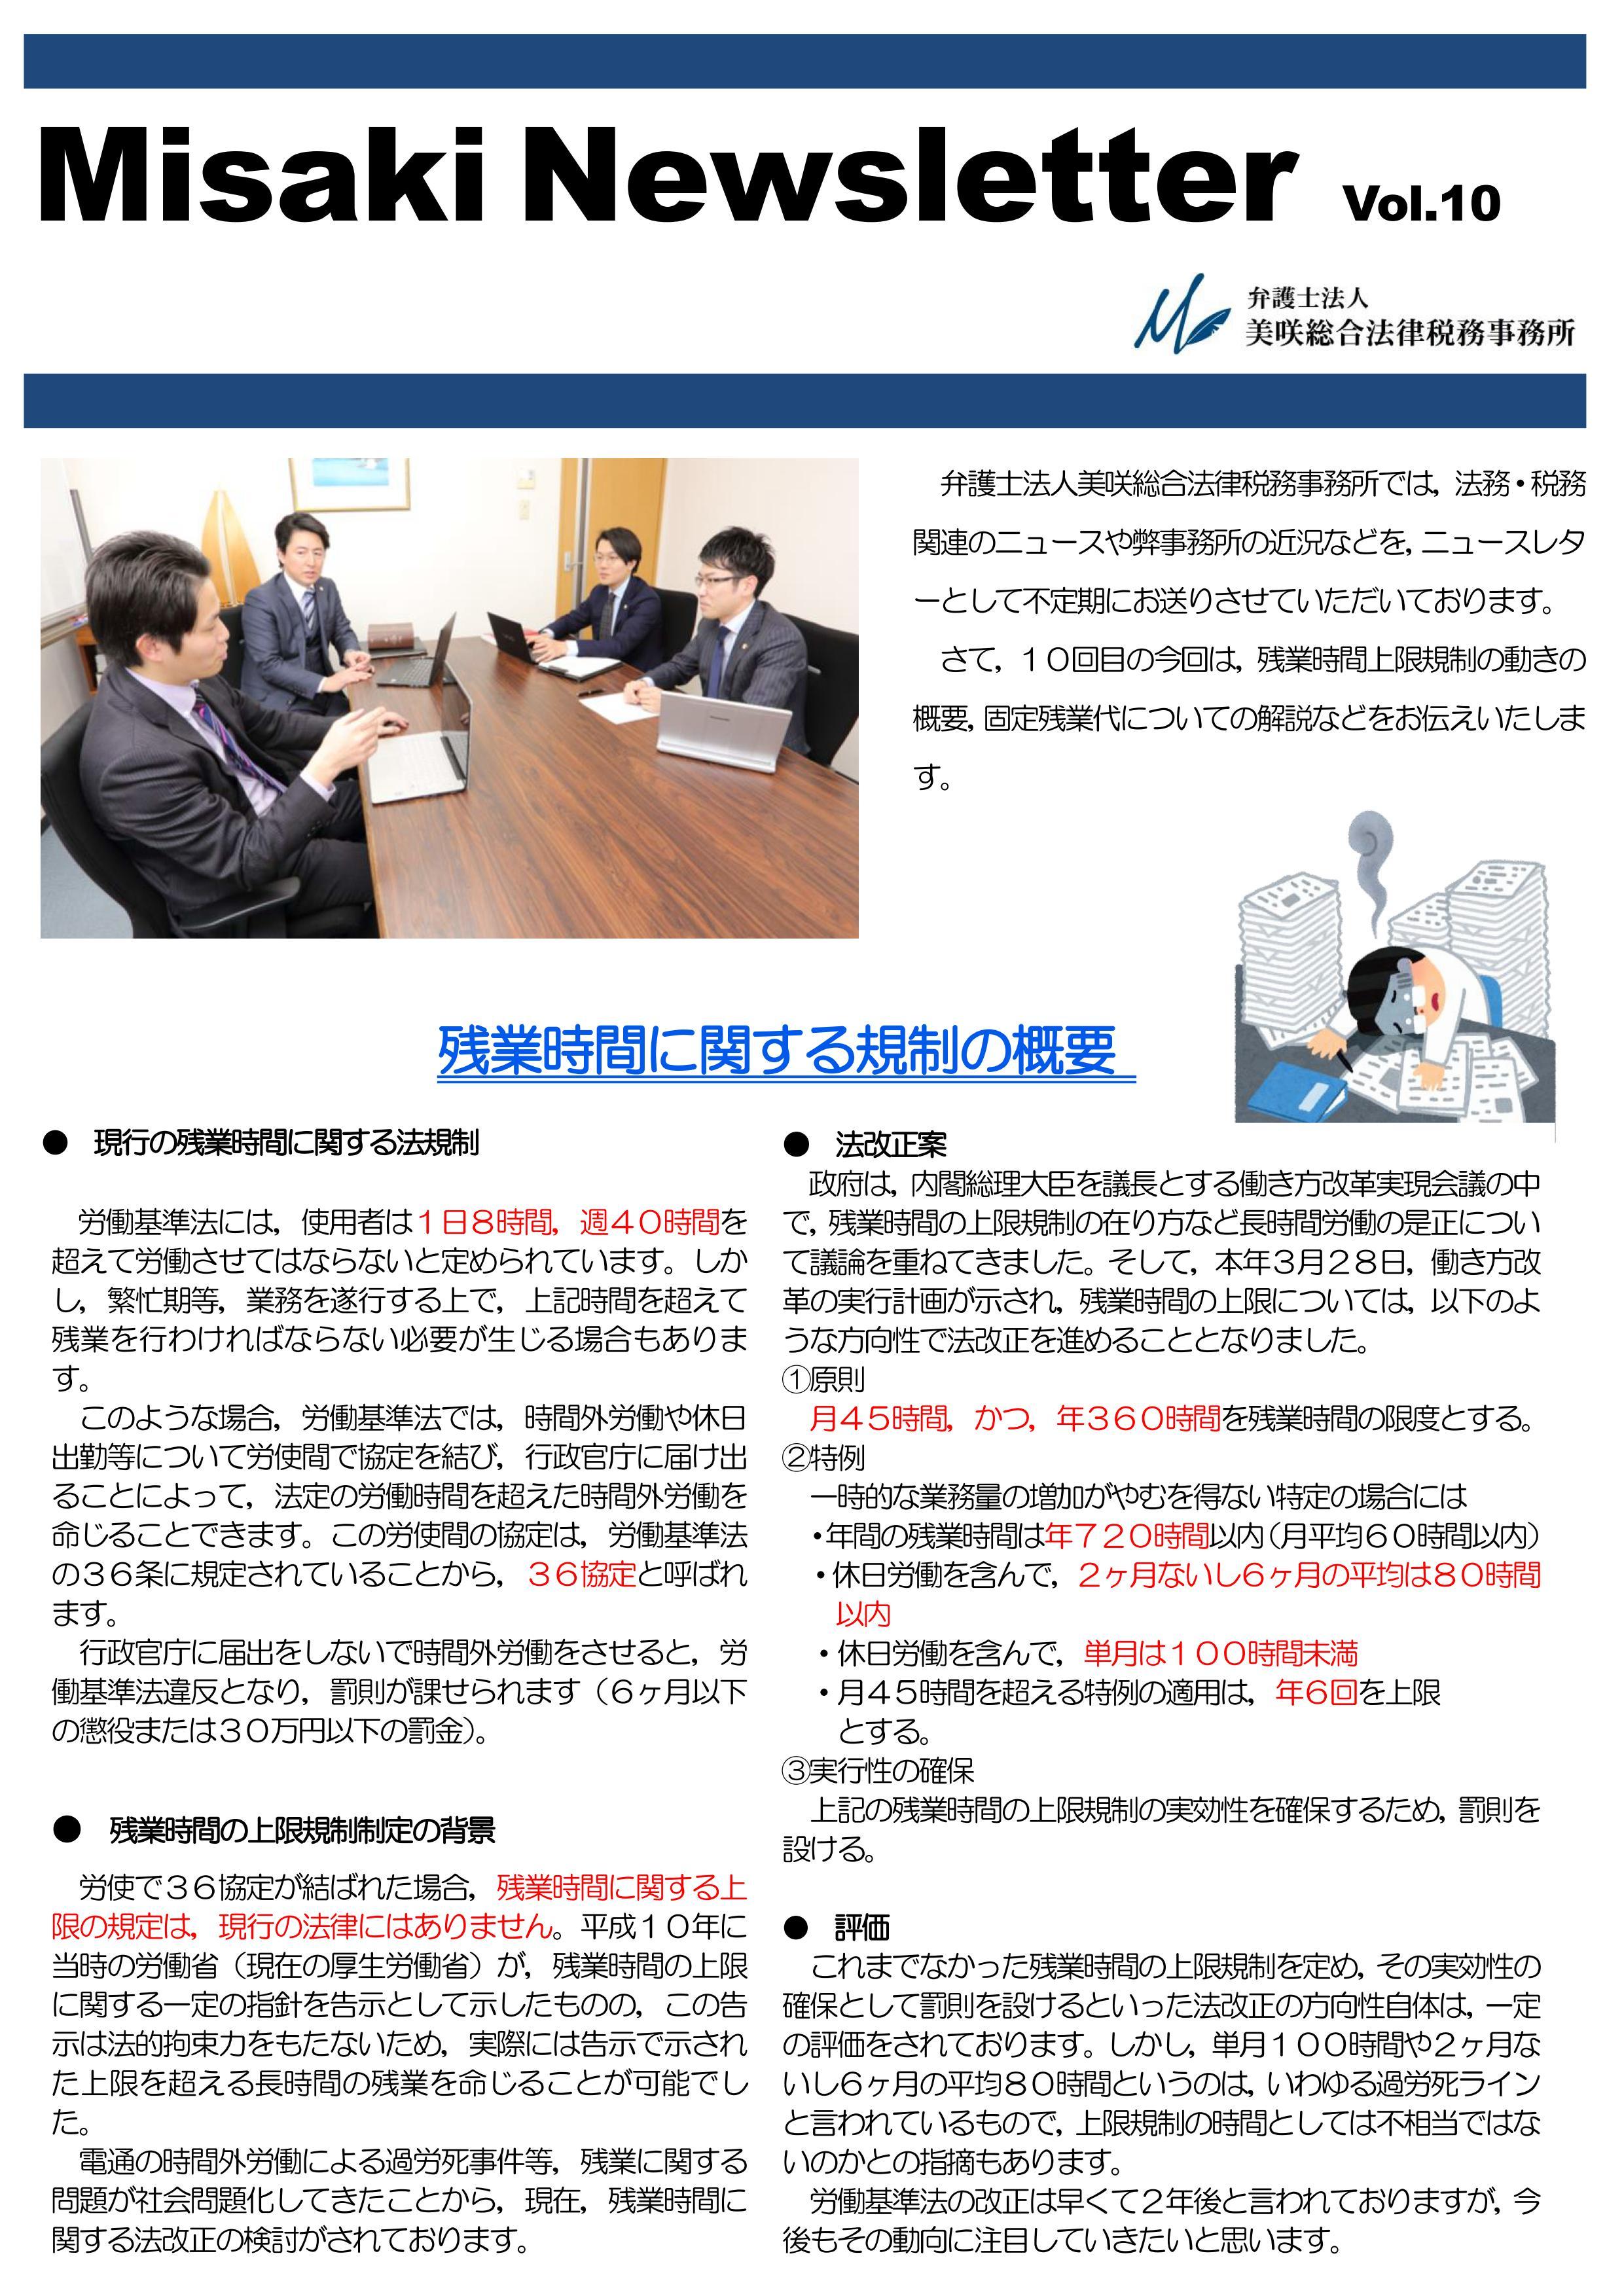 ニュースレター Vol.10_01.jpg